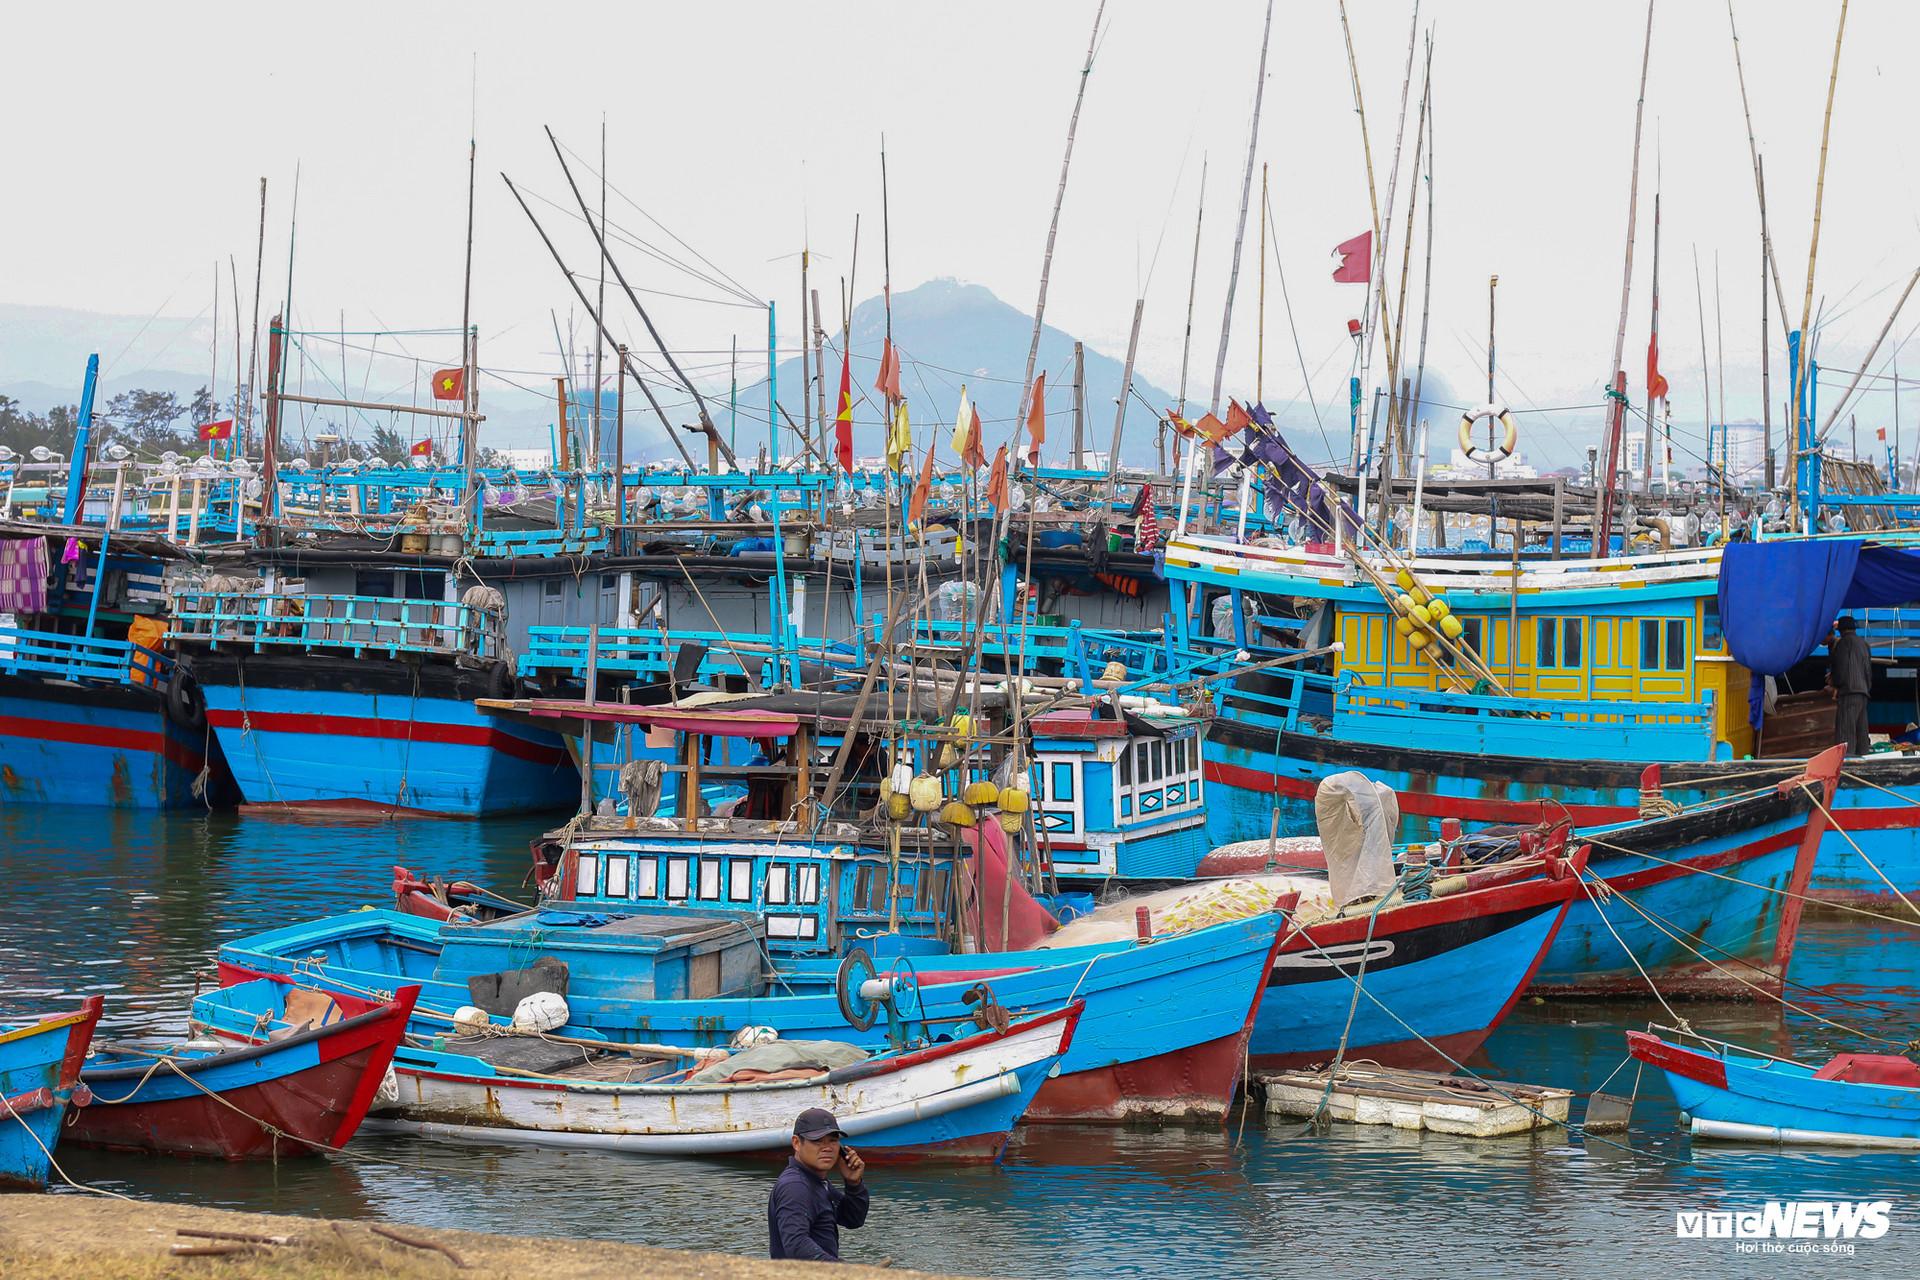 Nỗi buồn của ngư phủ nơi khai sinh nghề câu cá ngừ đại dương ở Việt Nam-6